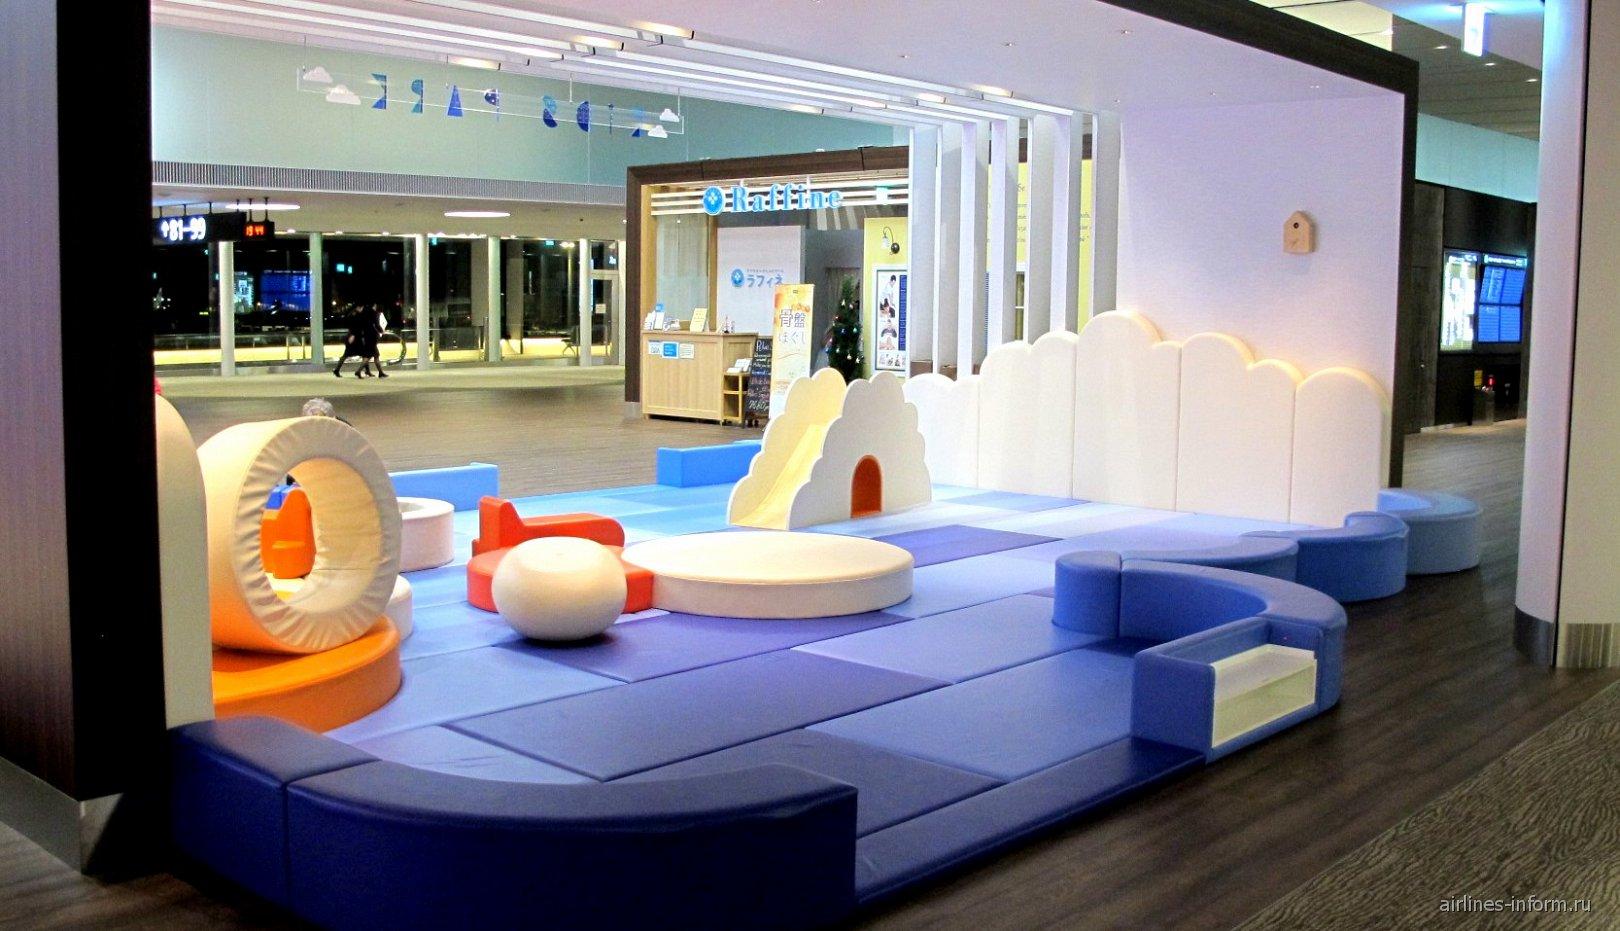 Детская игровая площадка в терминале 2 аэропорта Токио Нарита